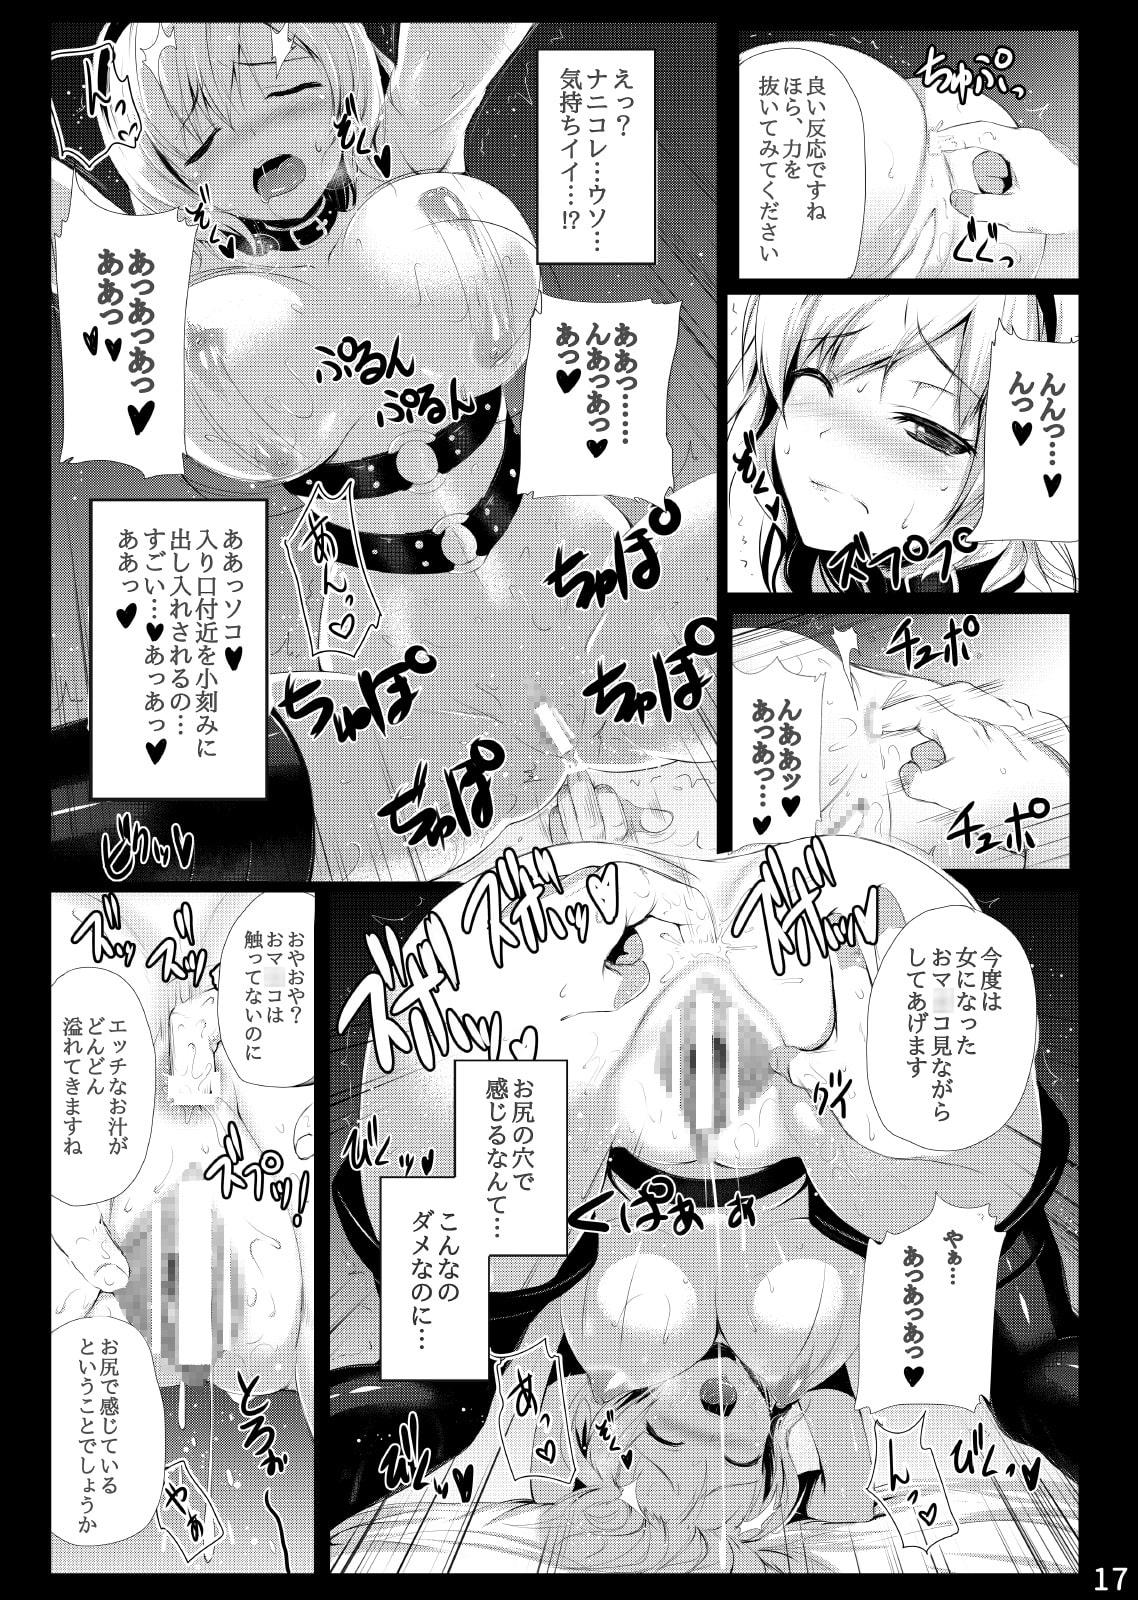 ミグミグ荘 総集編 01